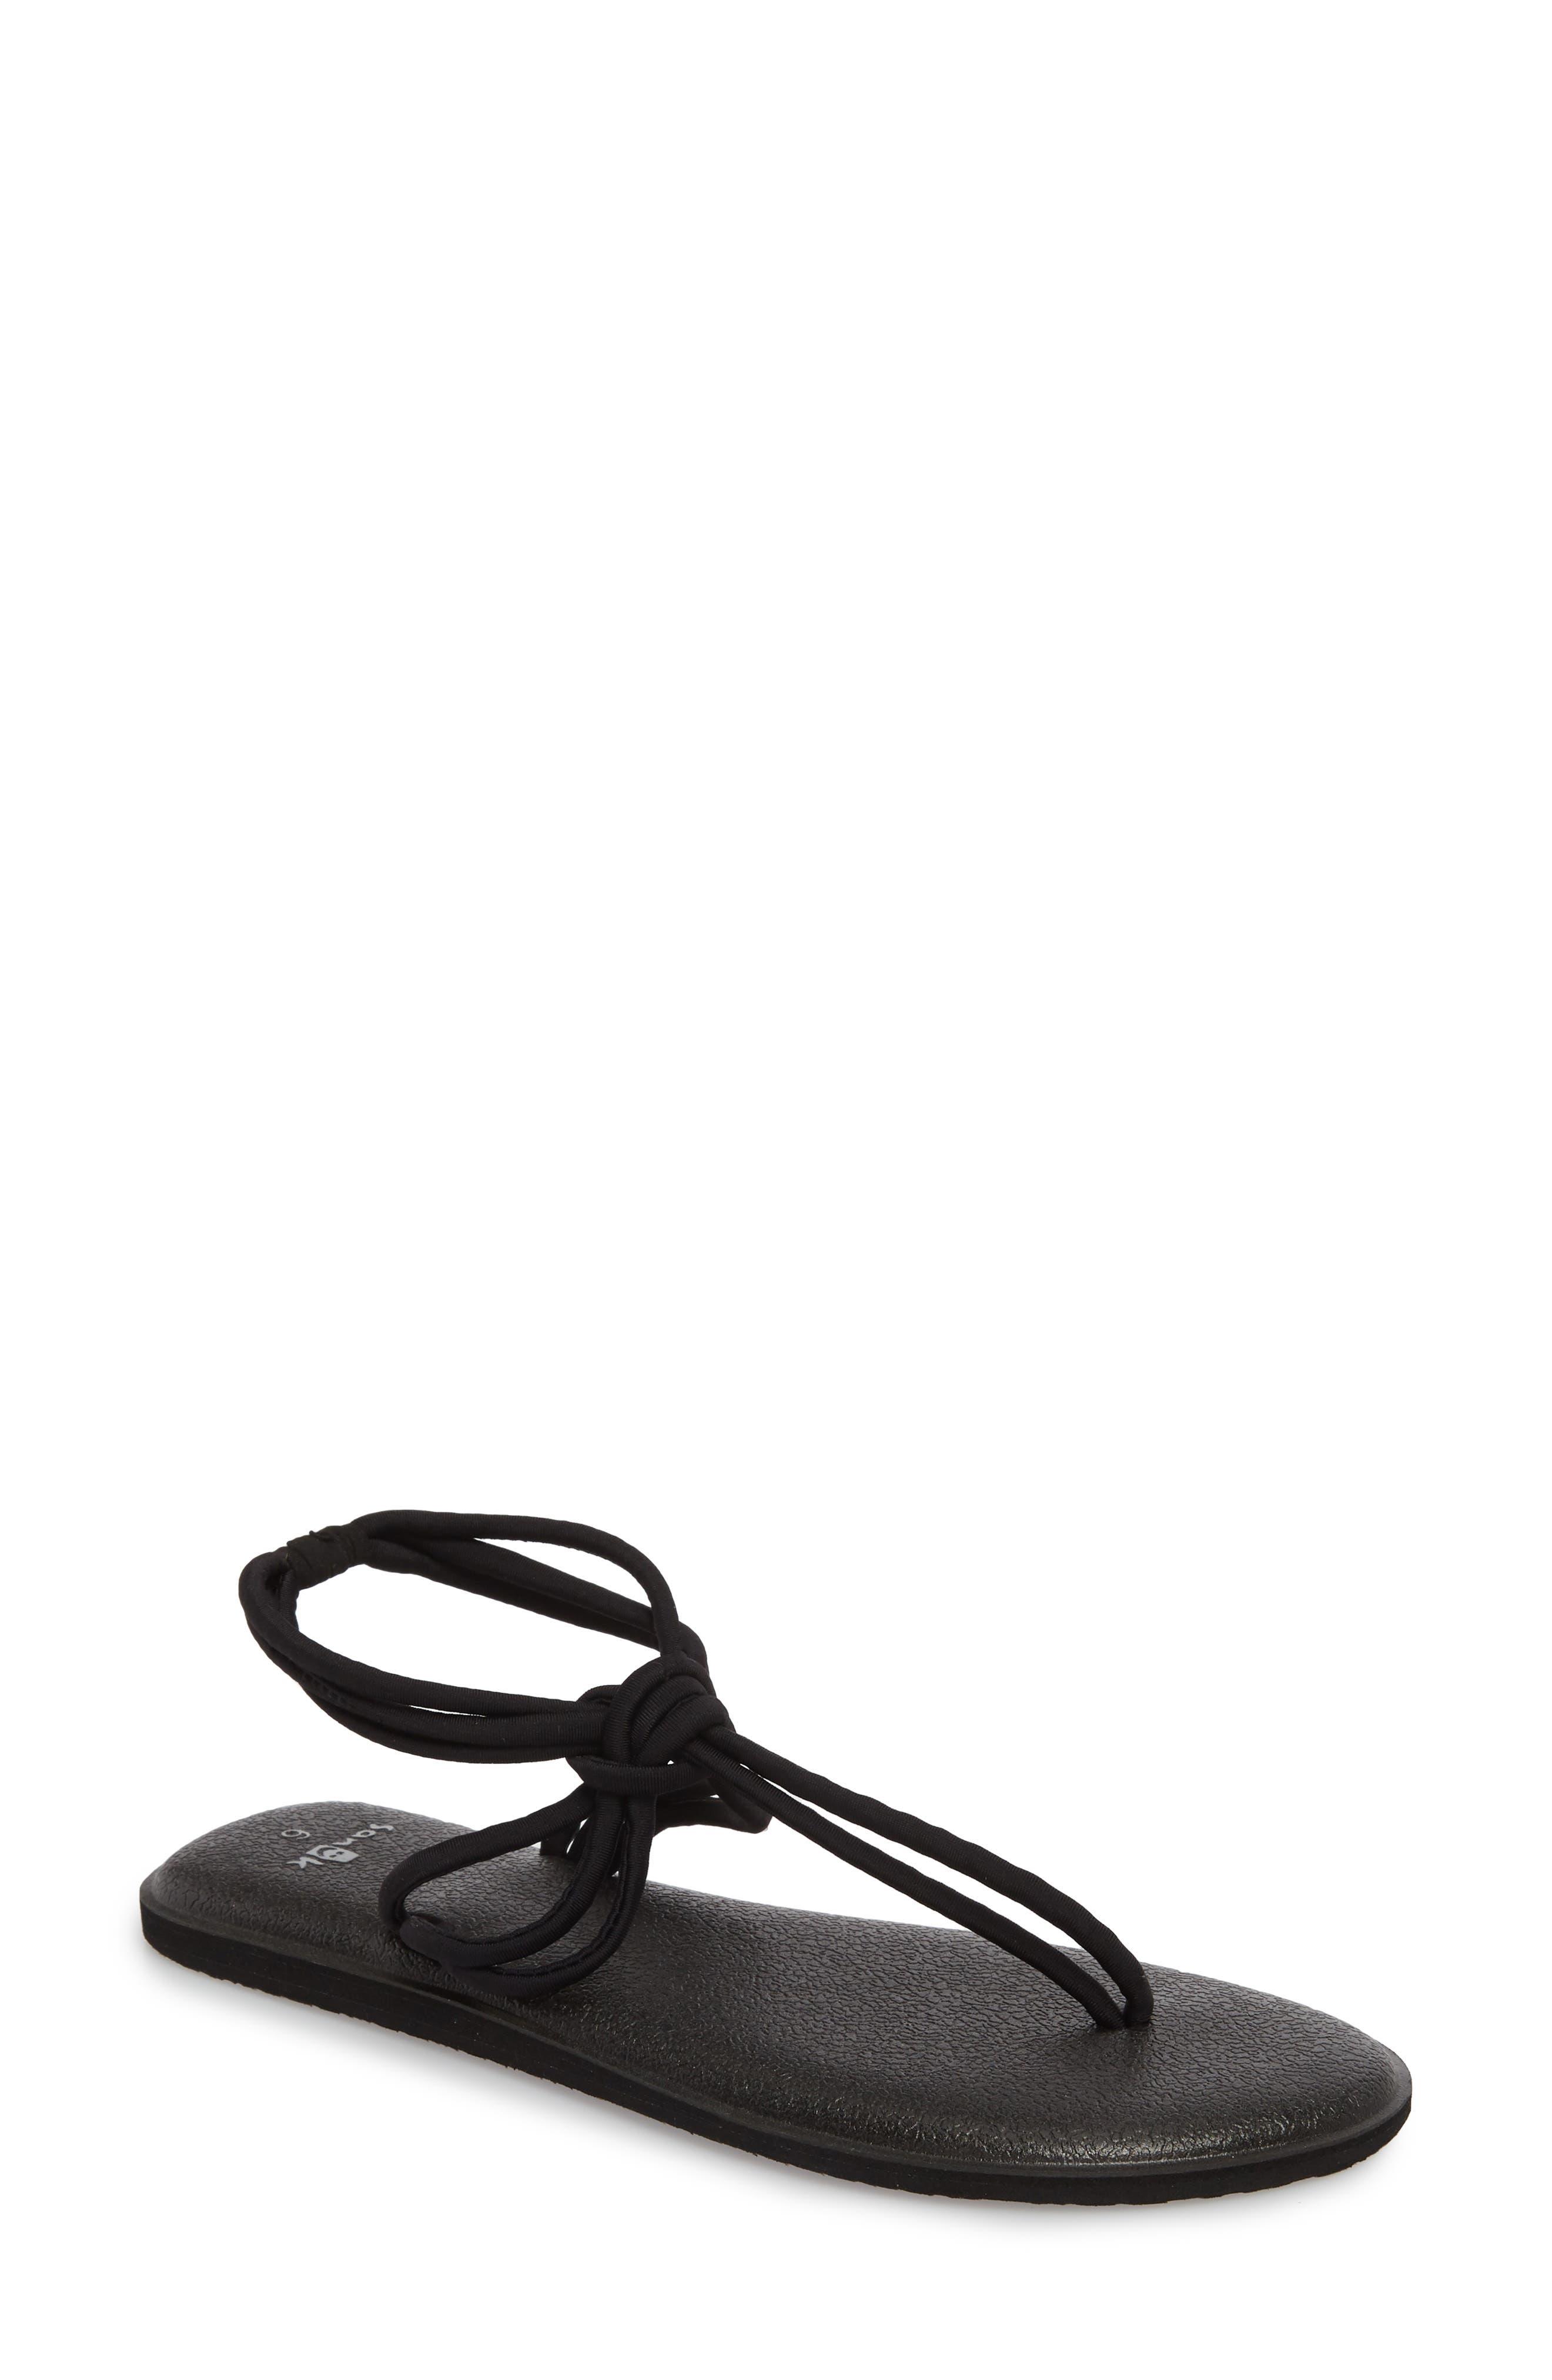 Yoga Sunshine Knotted Thong Sandal,                             Main thumbnail 1, color,                             BLACK